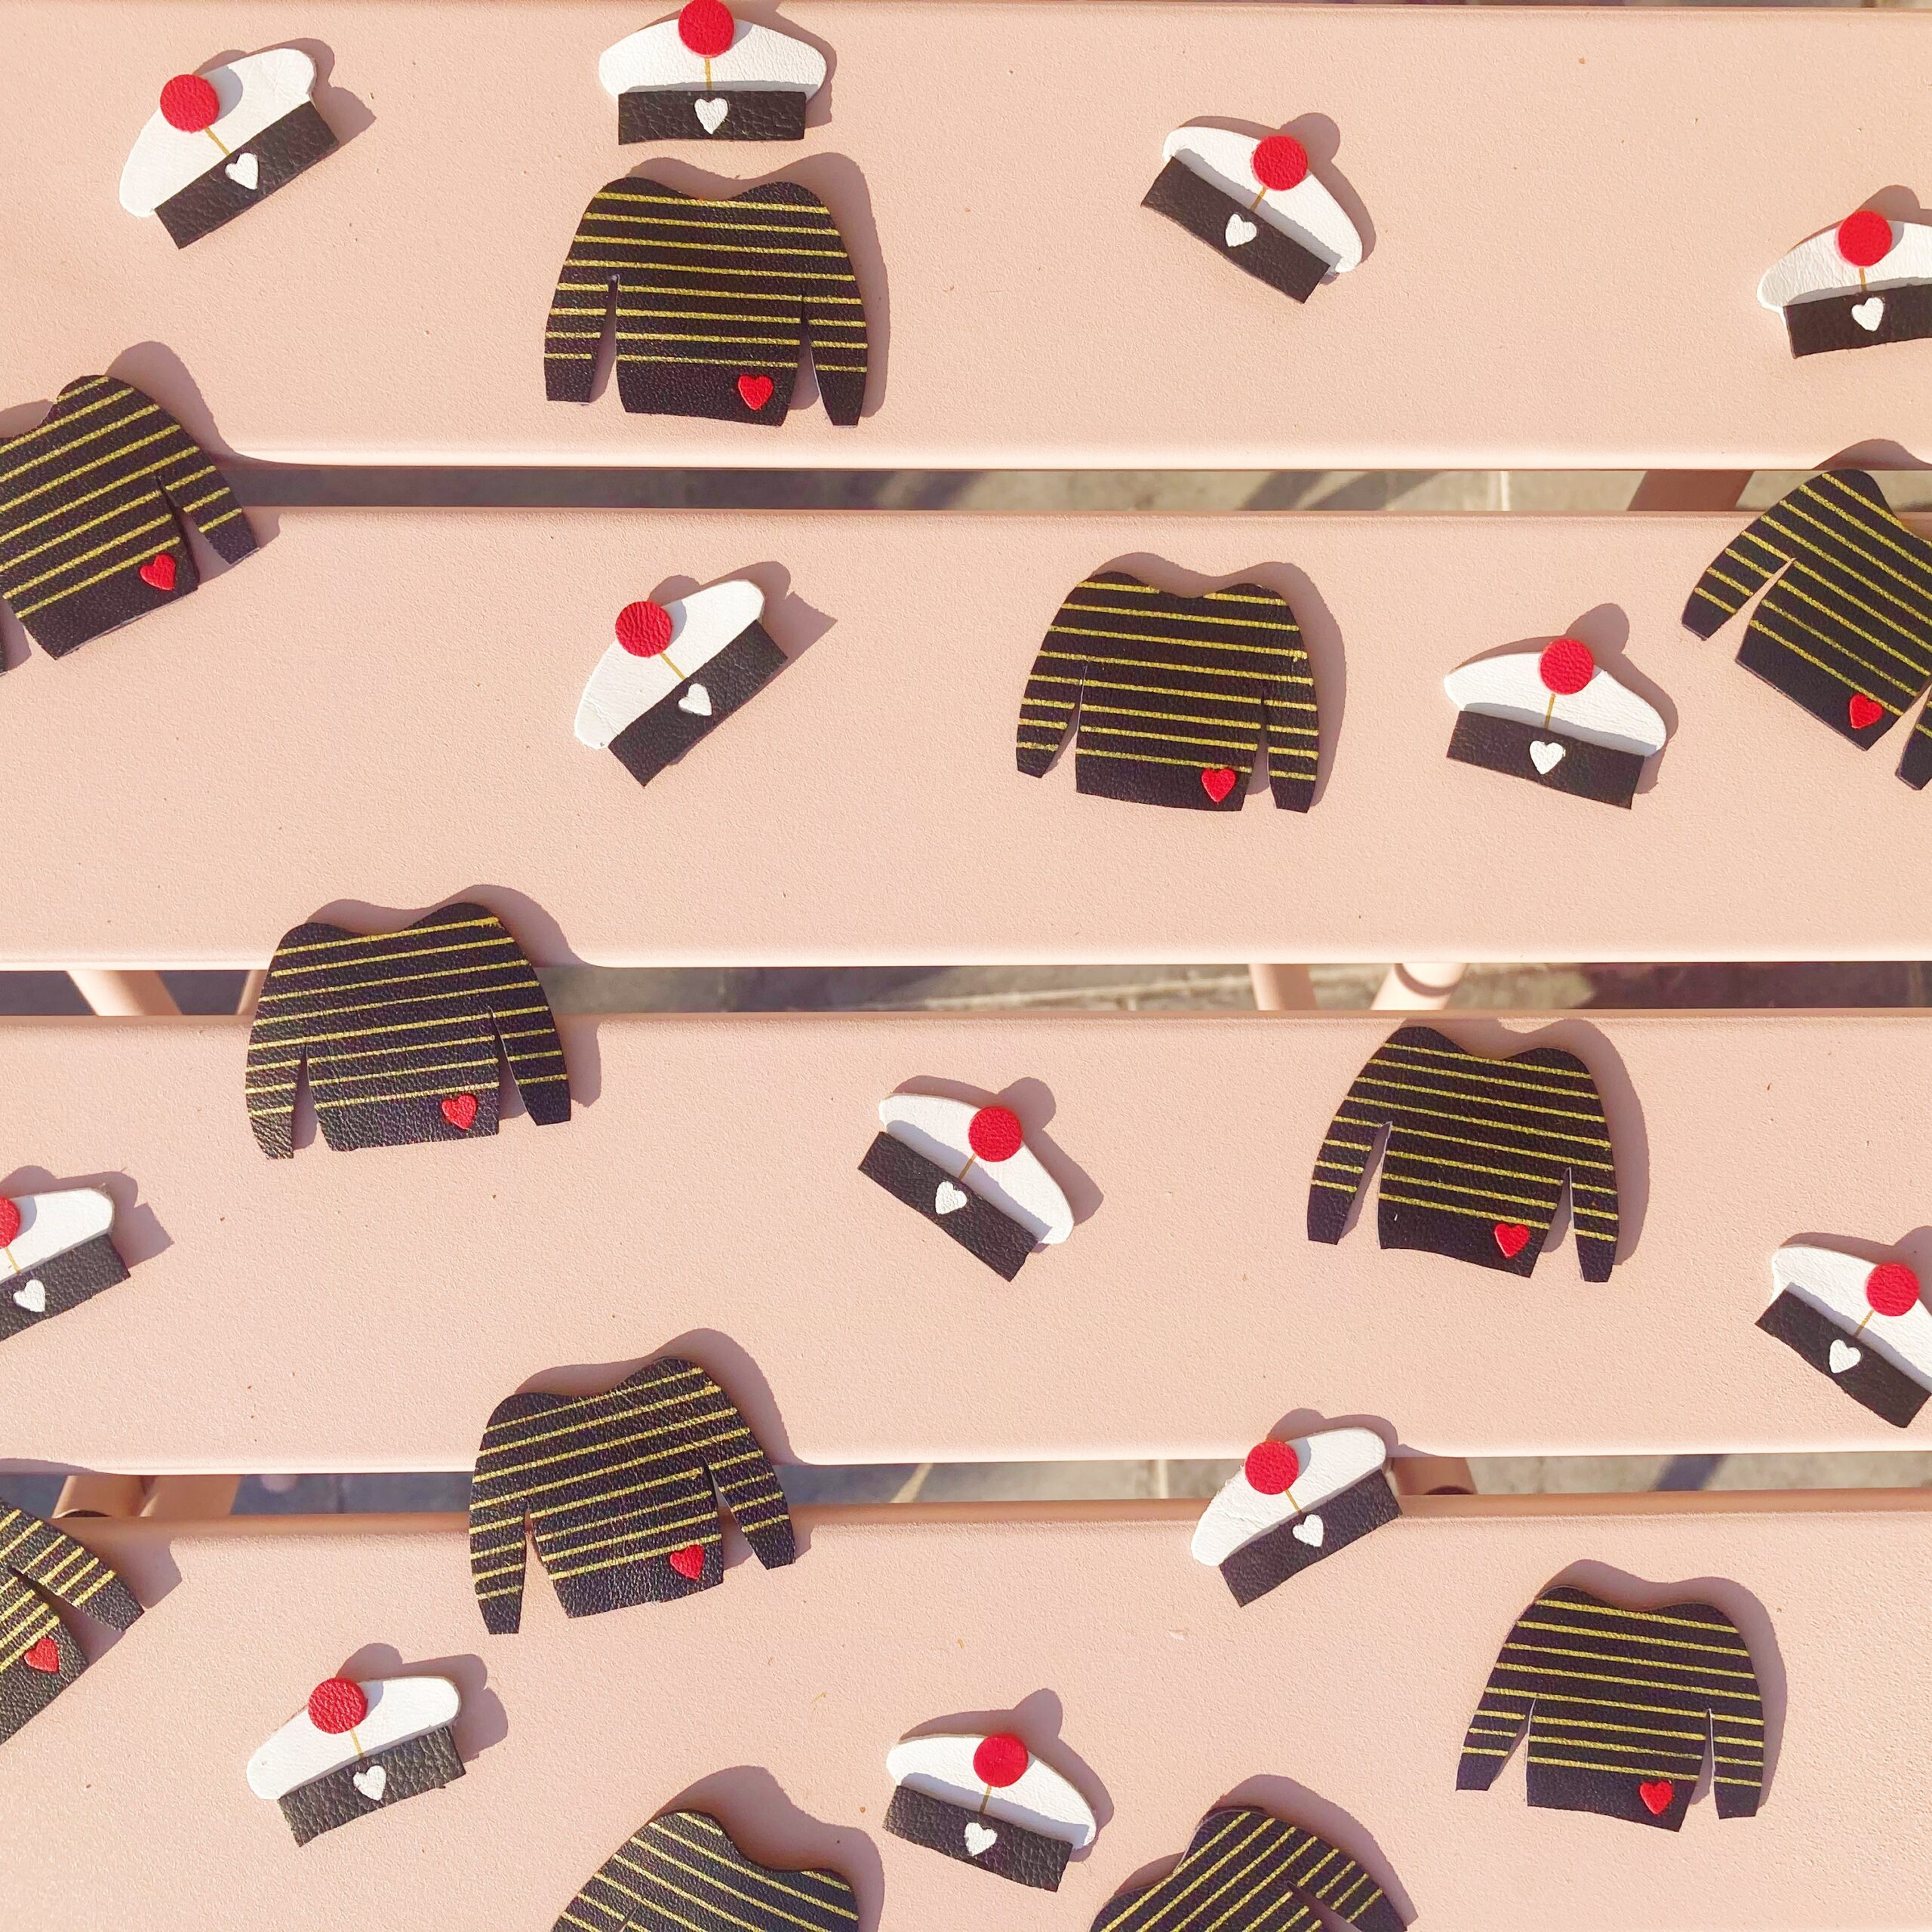 broches bérets et marinières made in france confection artisanale - du vent dans mes valises